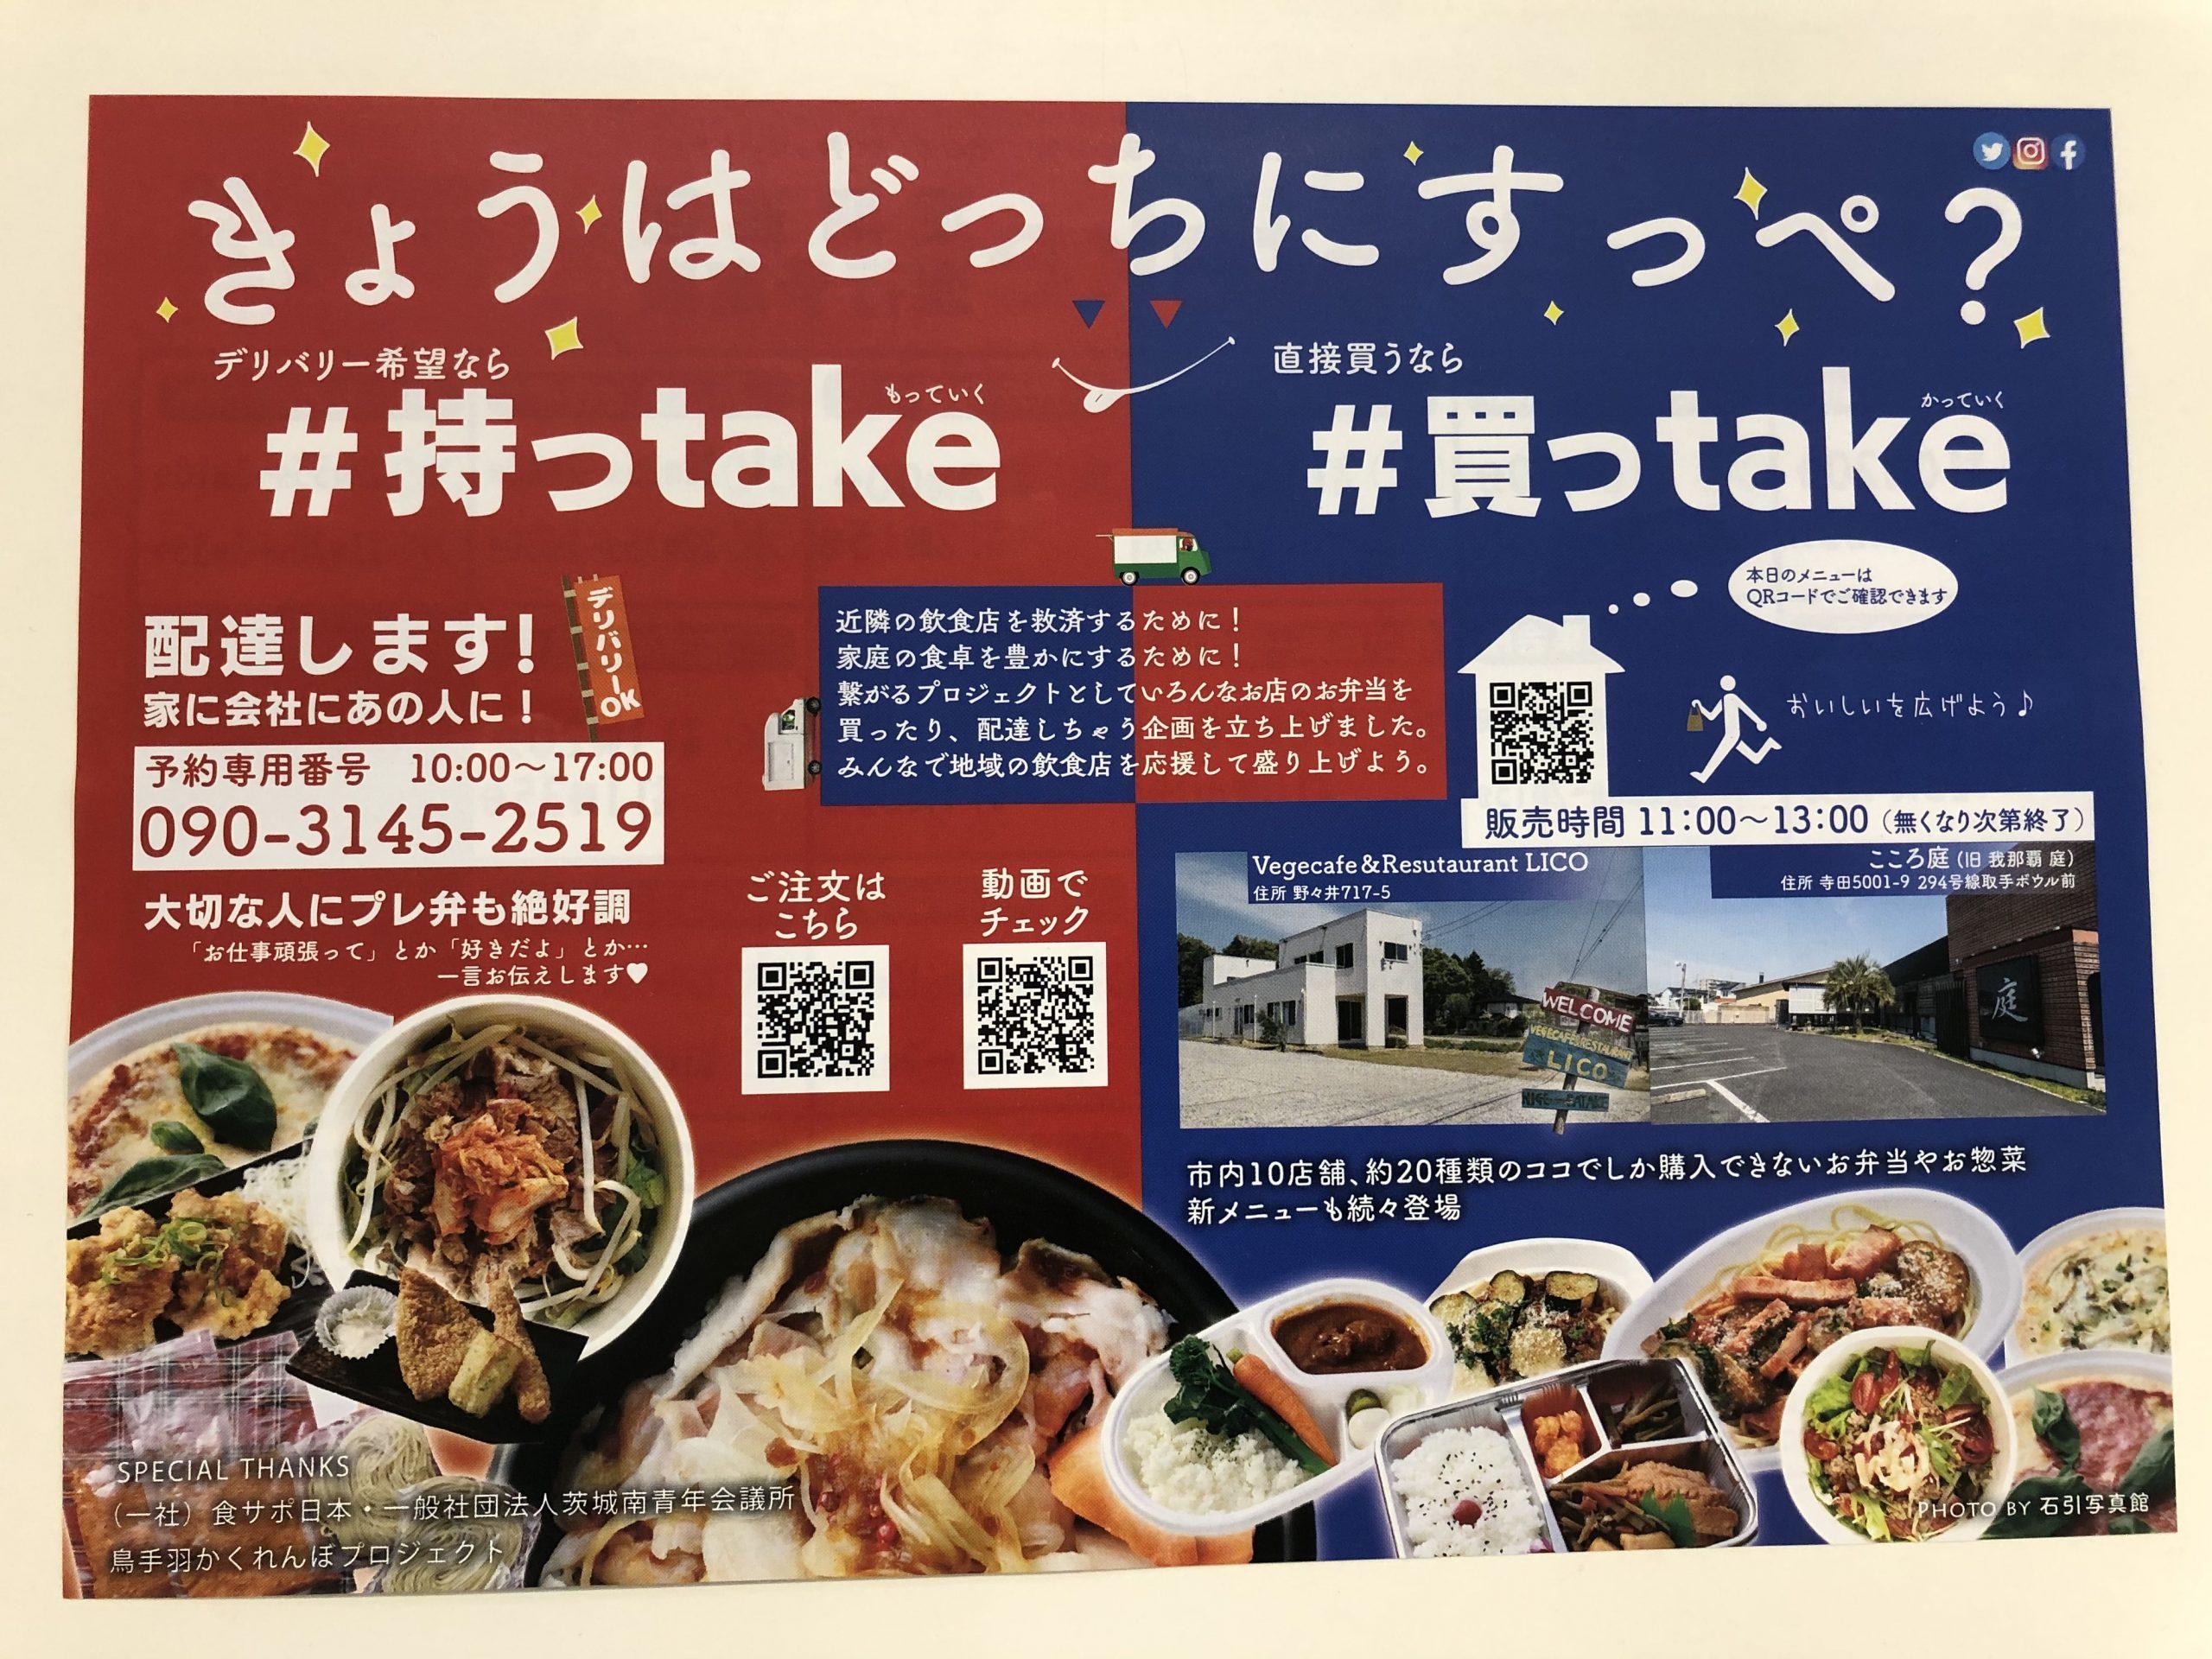 今日はプロ飲食店の味を「持っtake」?「買っtake」?(取手の飲食店テイクアウト・配達)